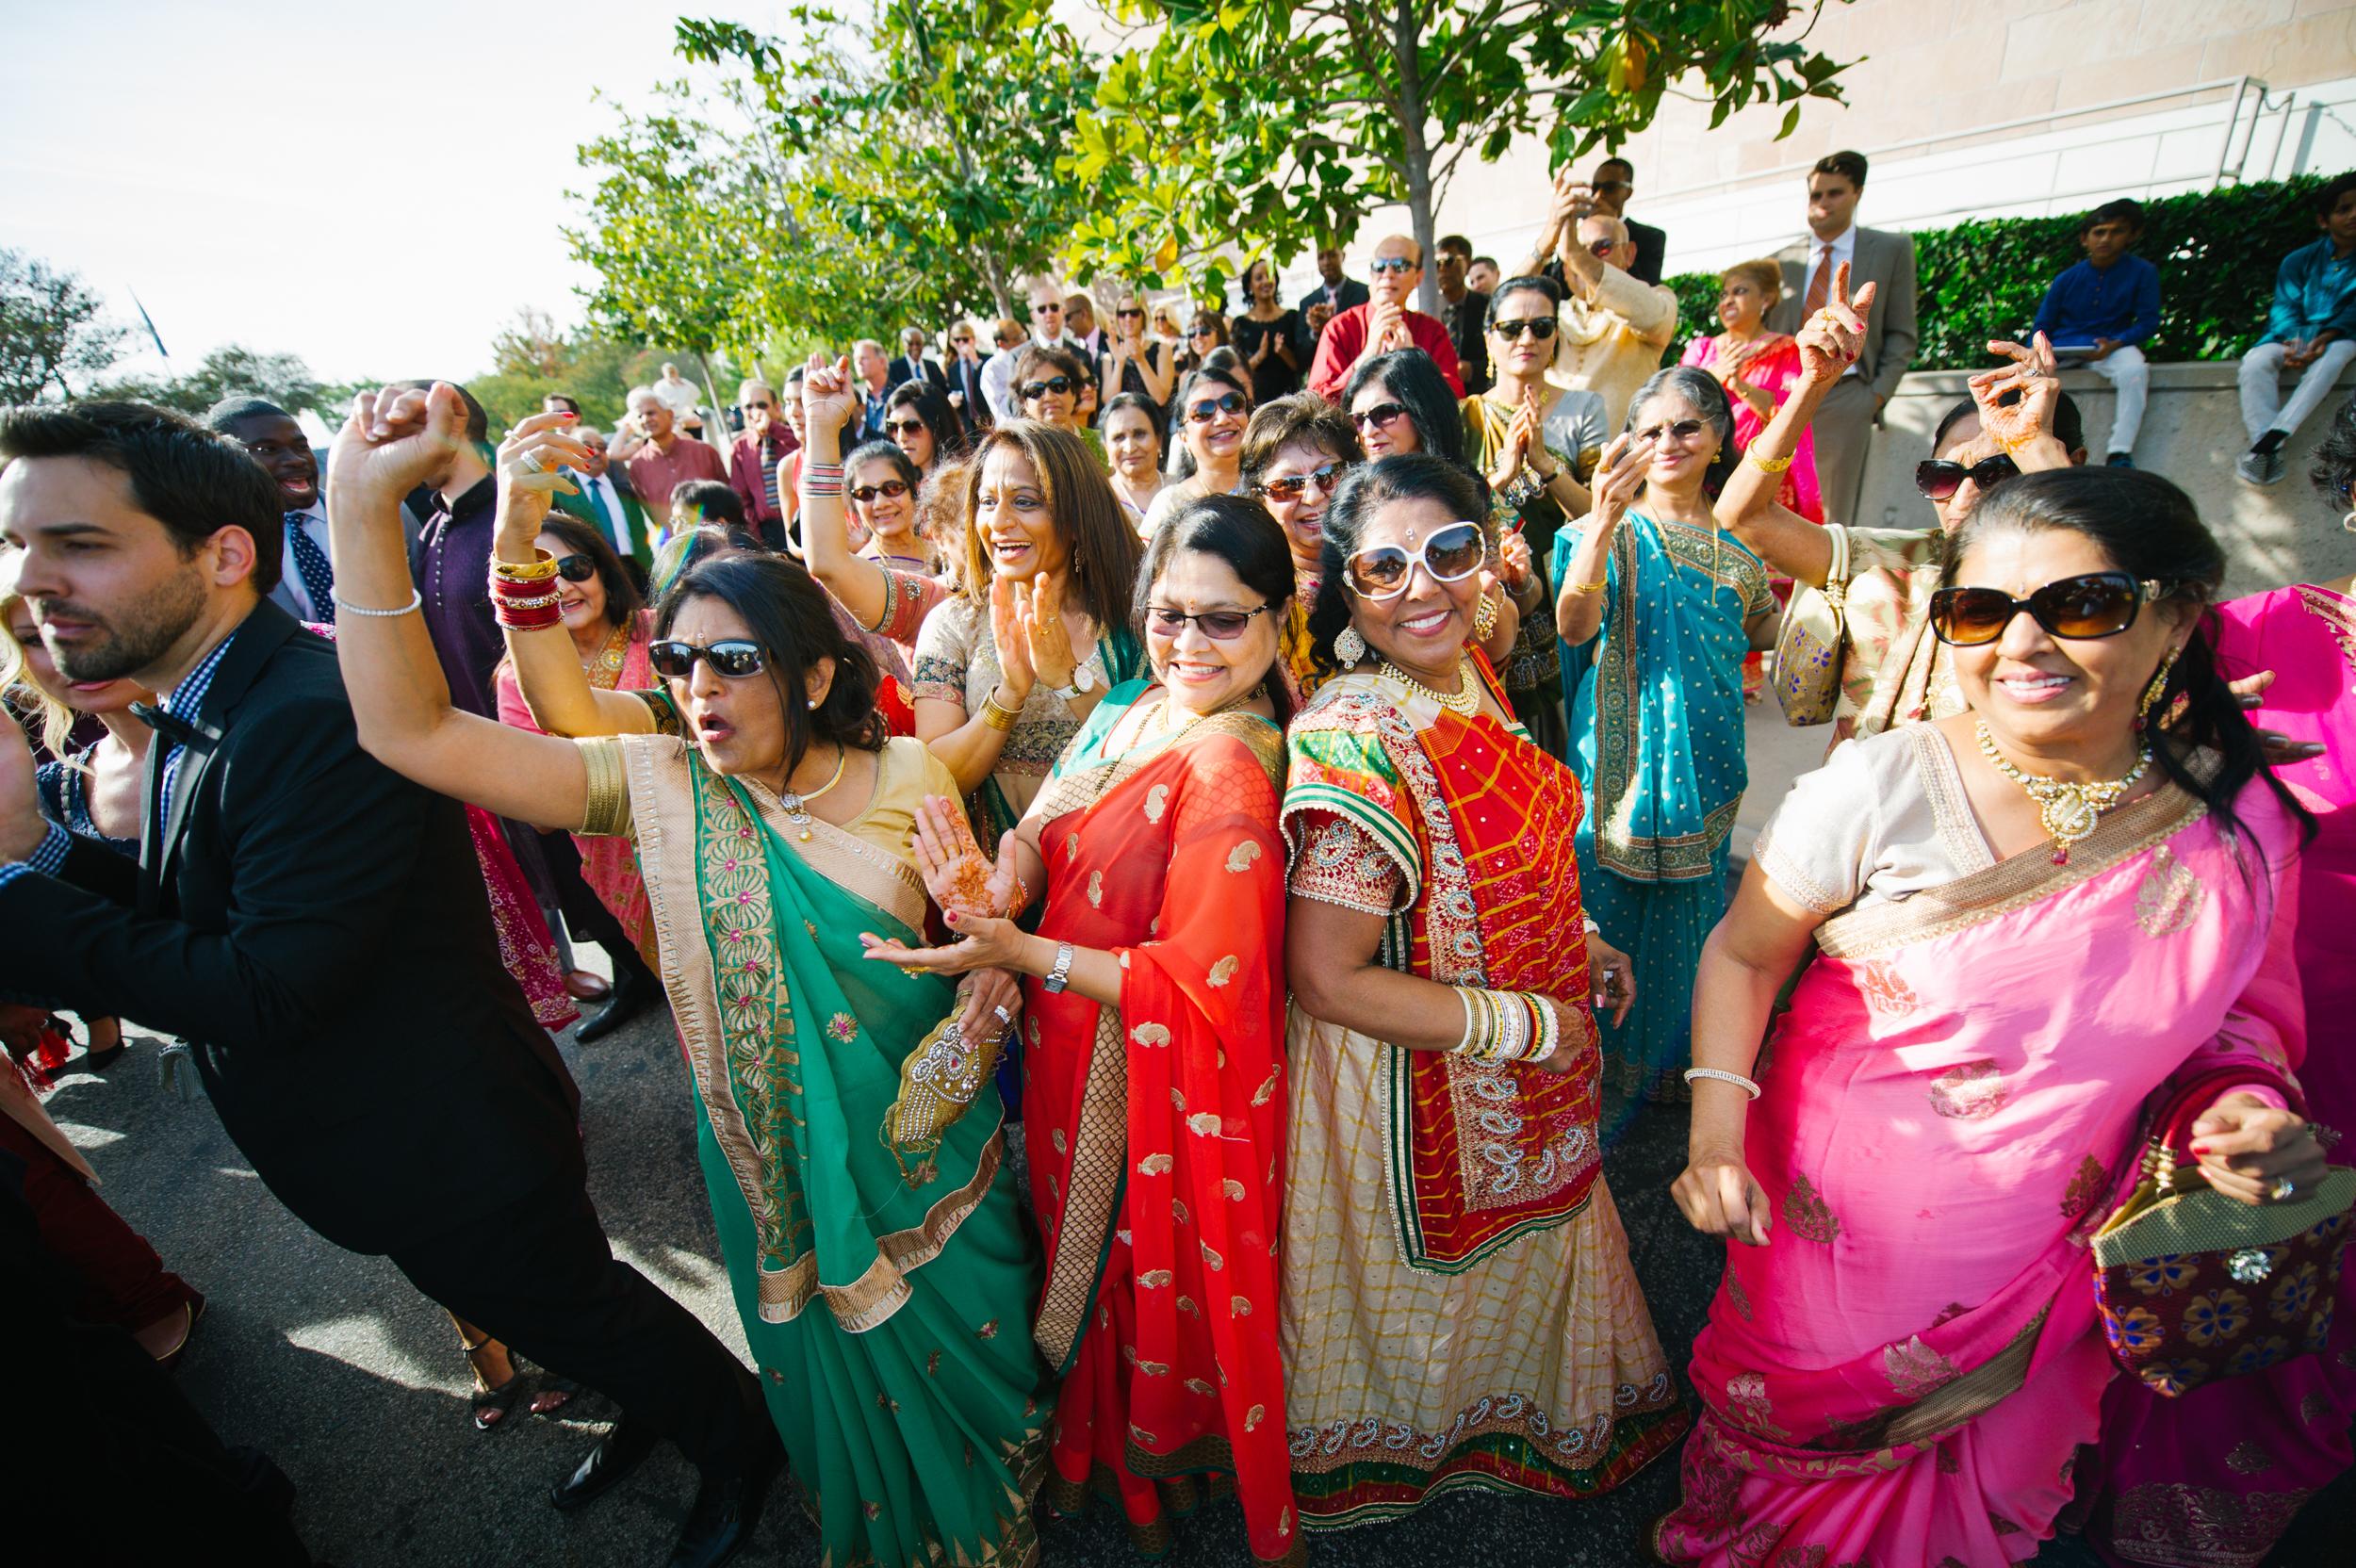 JKP_Indian_Weddings_0057.JPG